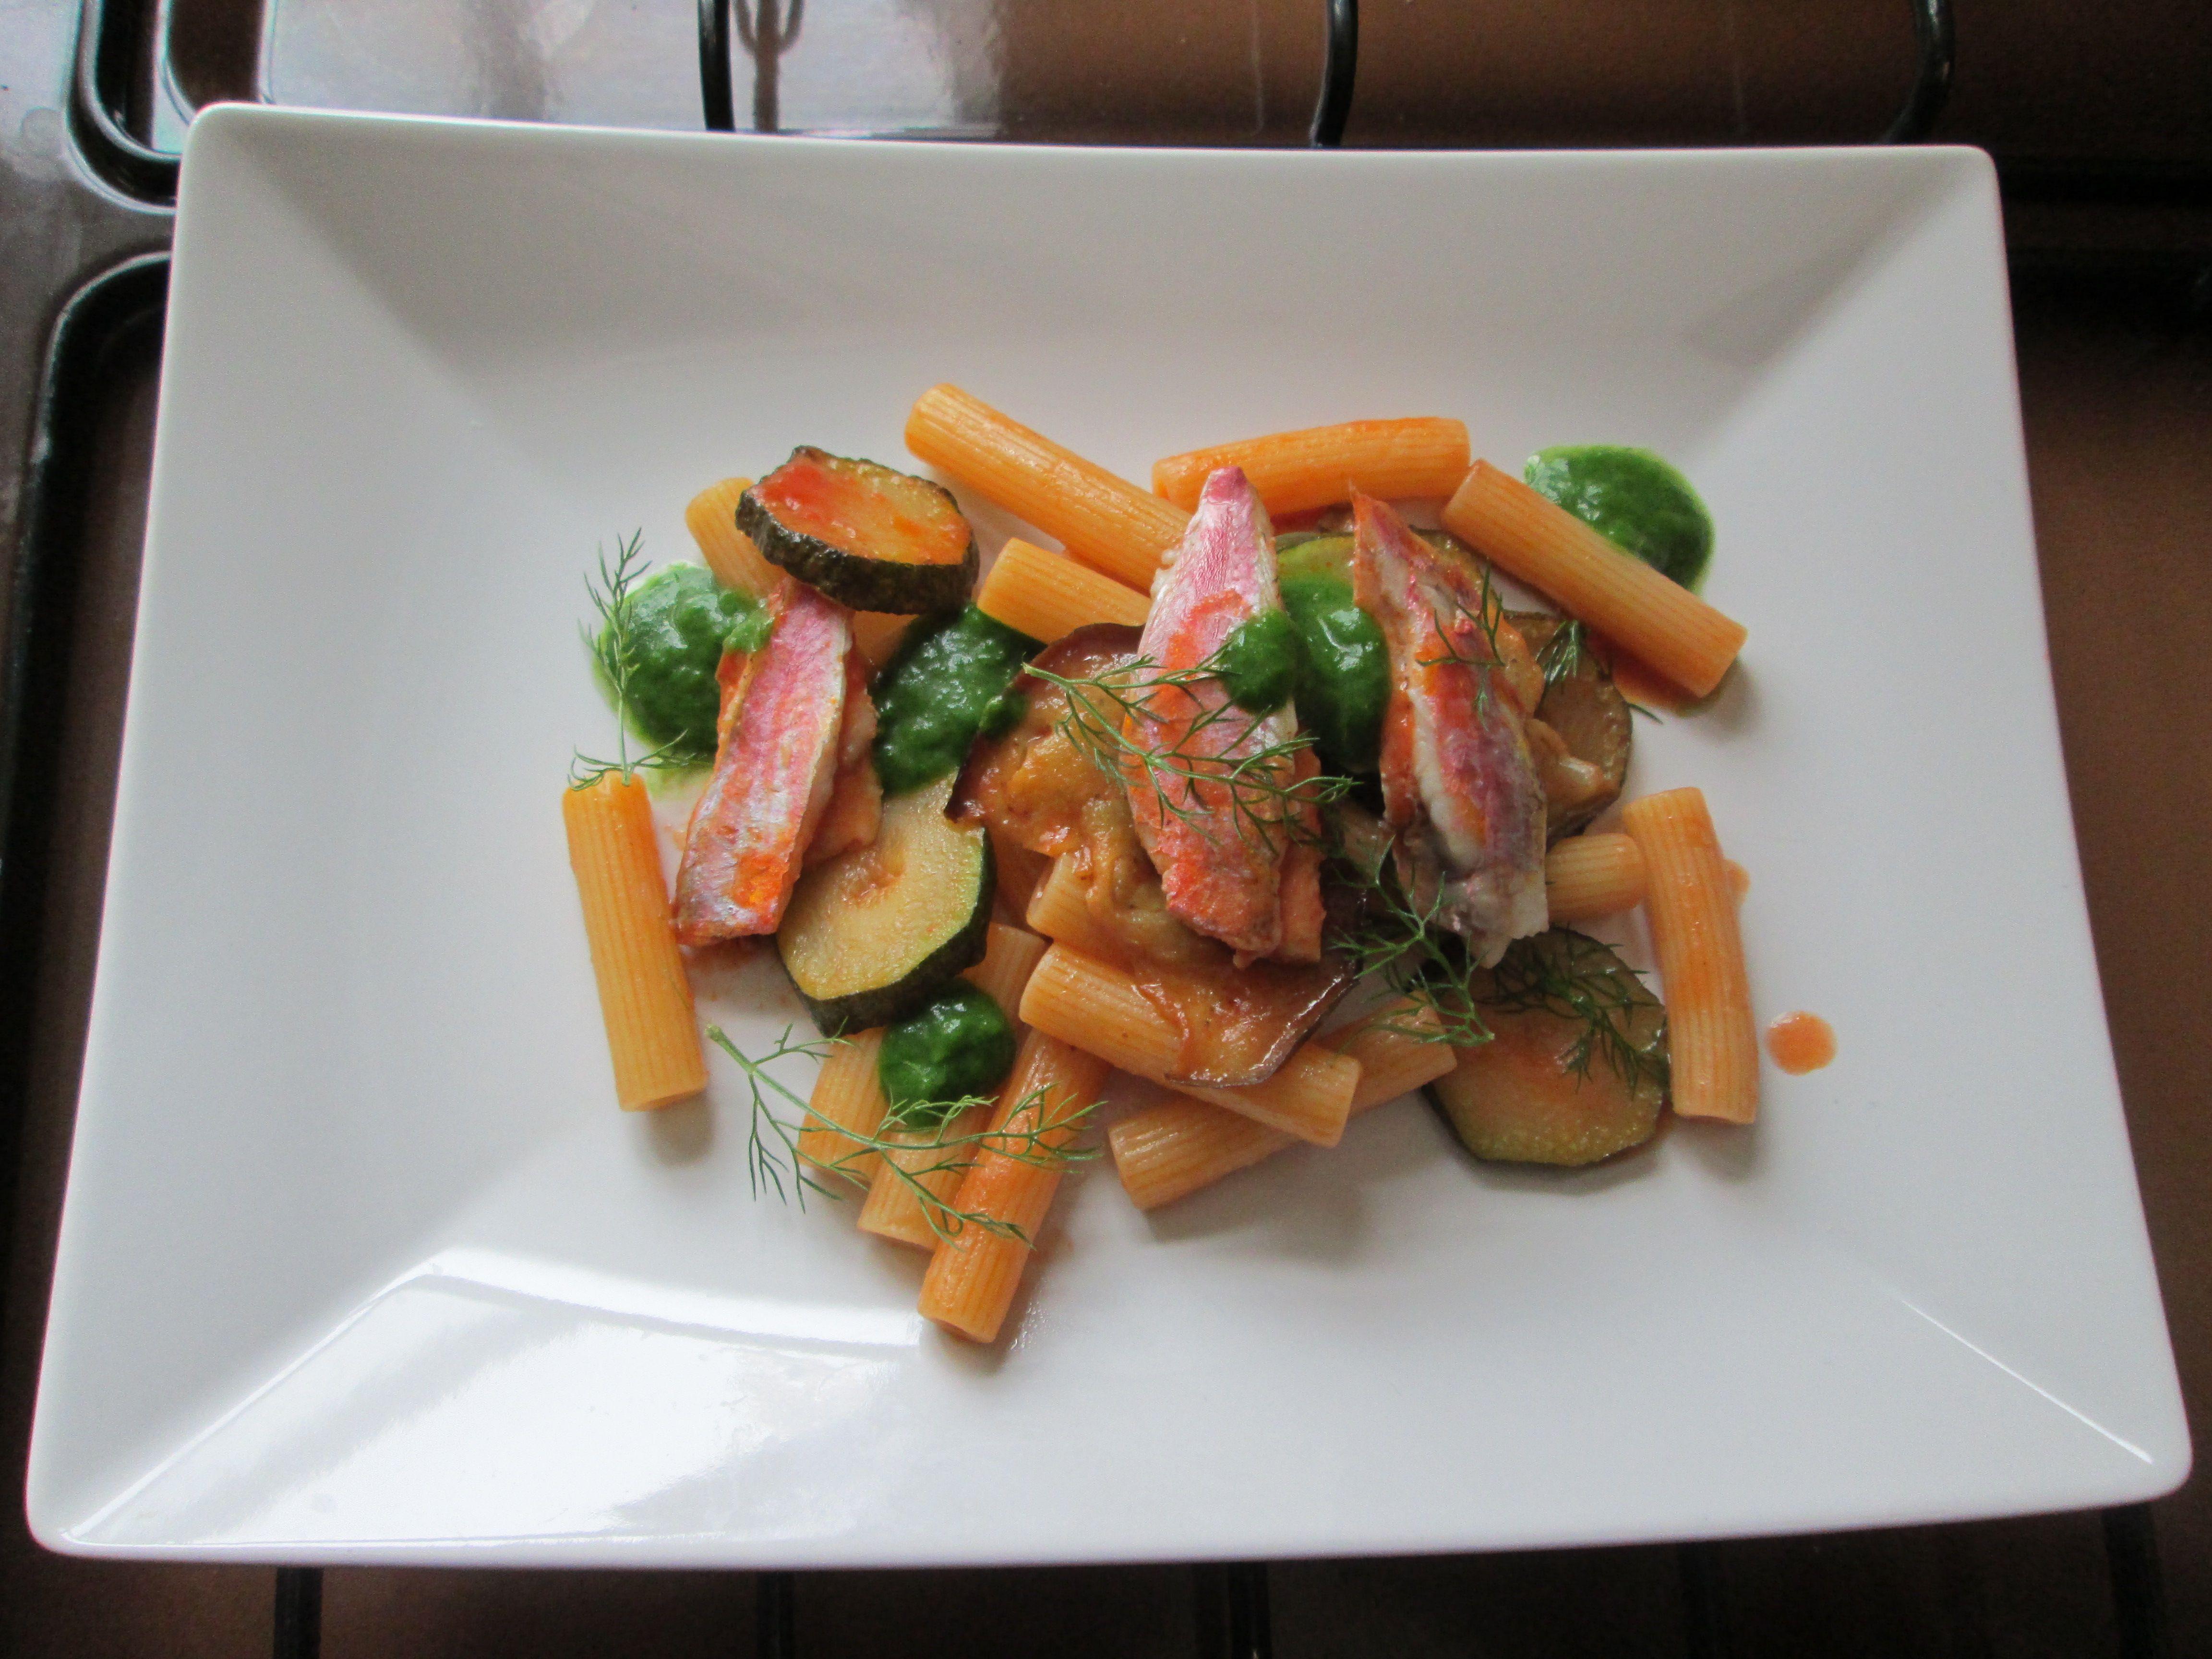 JHS  / Gino D'Aquino  Pâtes striées mulet avec une sauce de tomates et les courgettes aubergines  / Gino D'Aquino